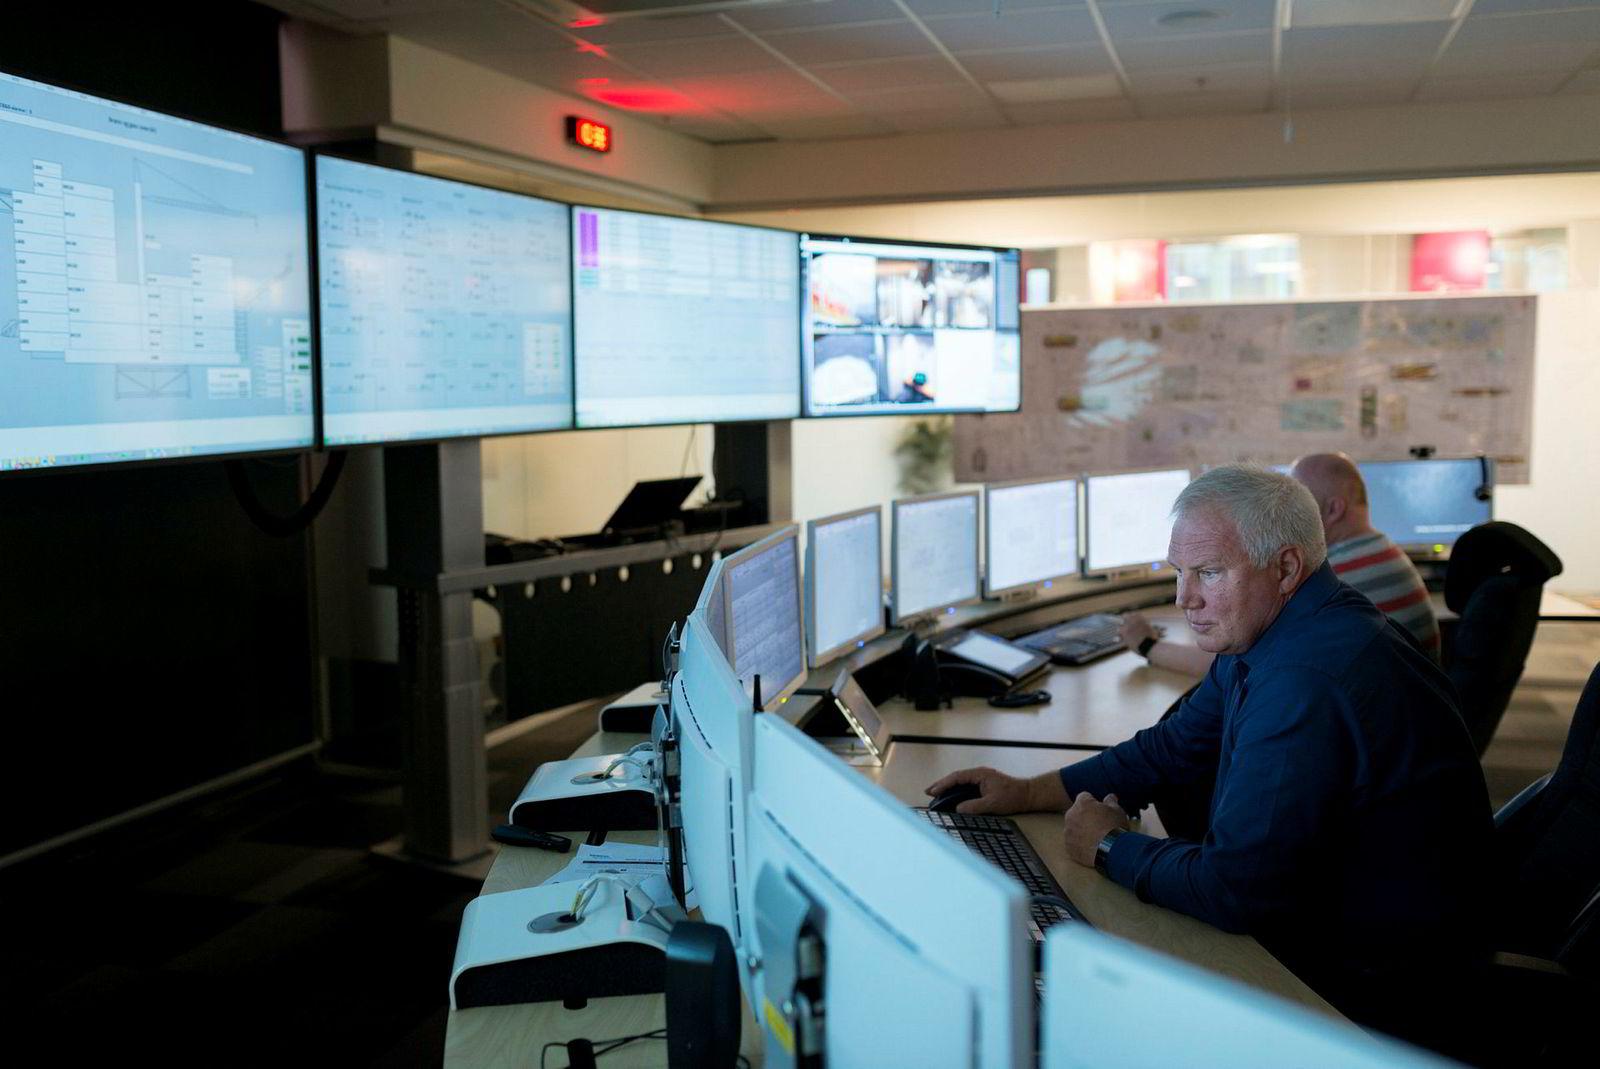 – I opplæring simulerer vi hele prosessen ombord på plattformen. Instruktøren står bak her og kjører stressmestringskurs, da hagler telefoner, varsellamper og beskjeder, for å stresse operatørene mest mulig, sier senioringeniør Morten Ileby i Aker BP.